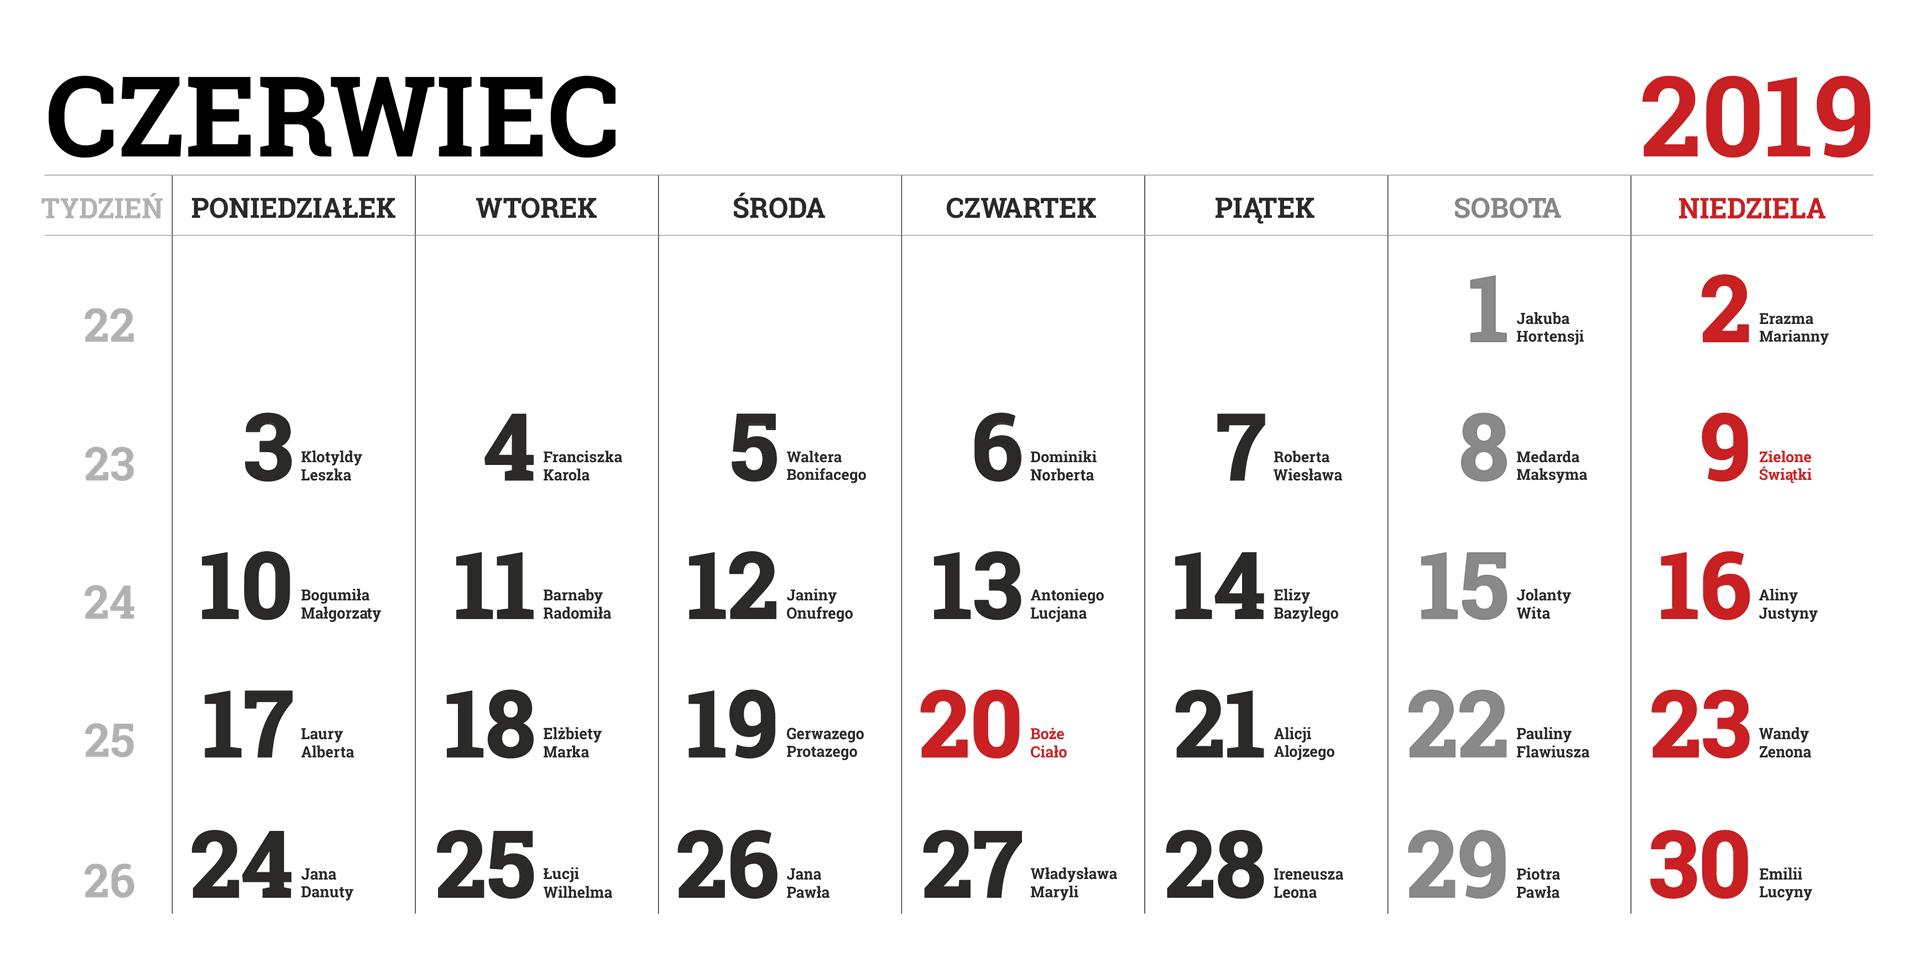 Kalendarium miesiąca czerwca 2019 roku